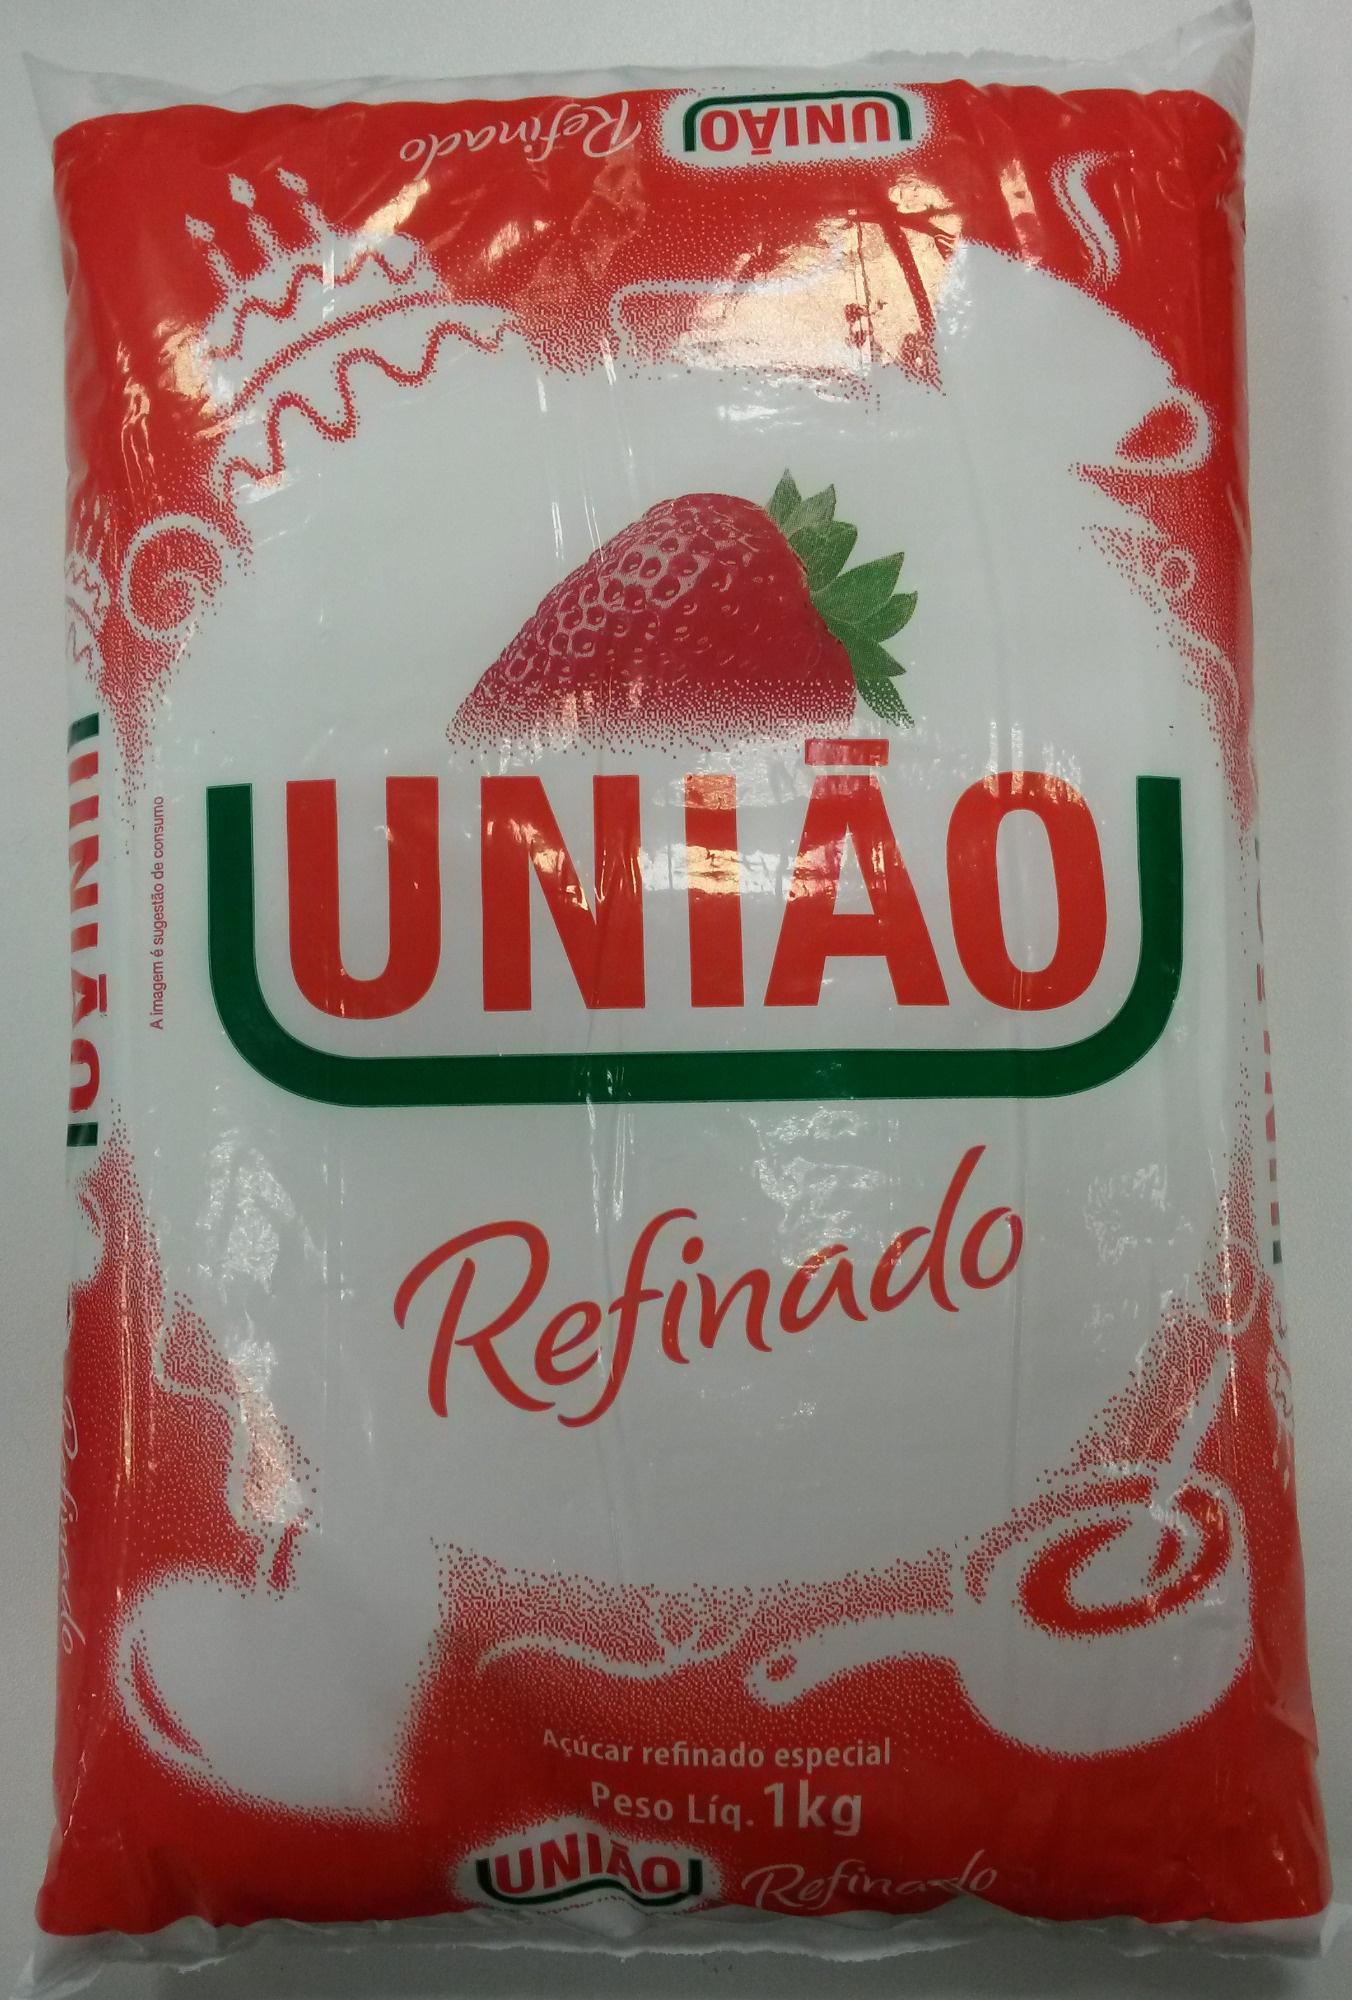 Açúcar refinado - Product